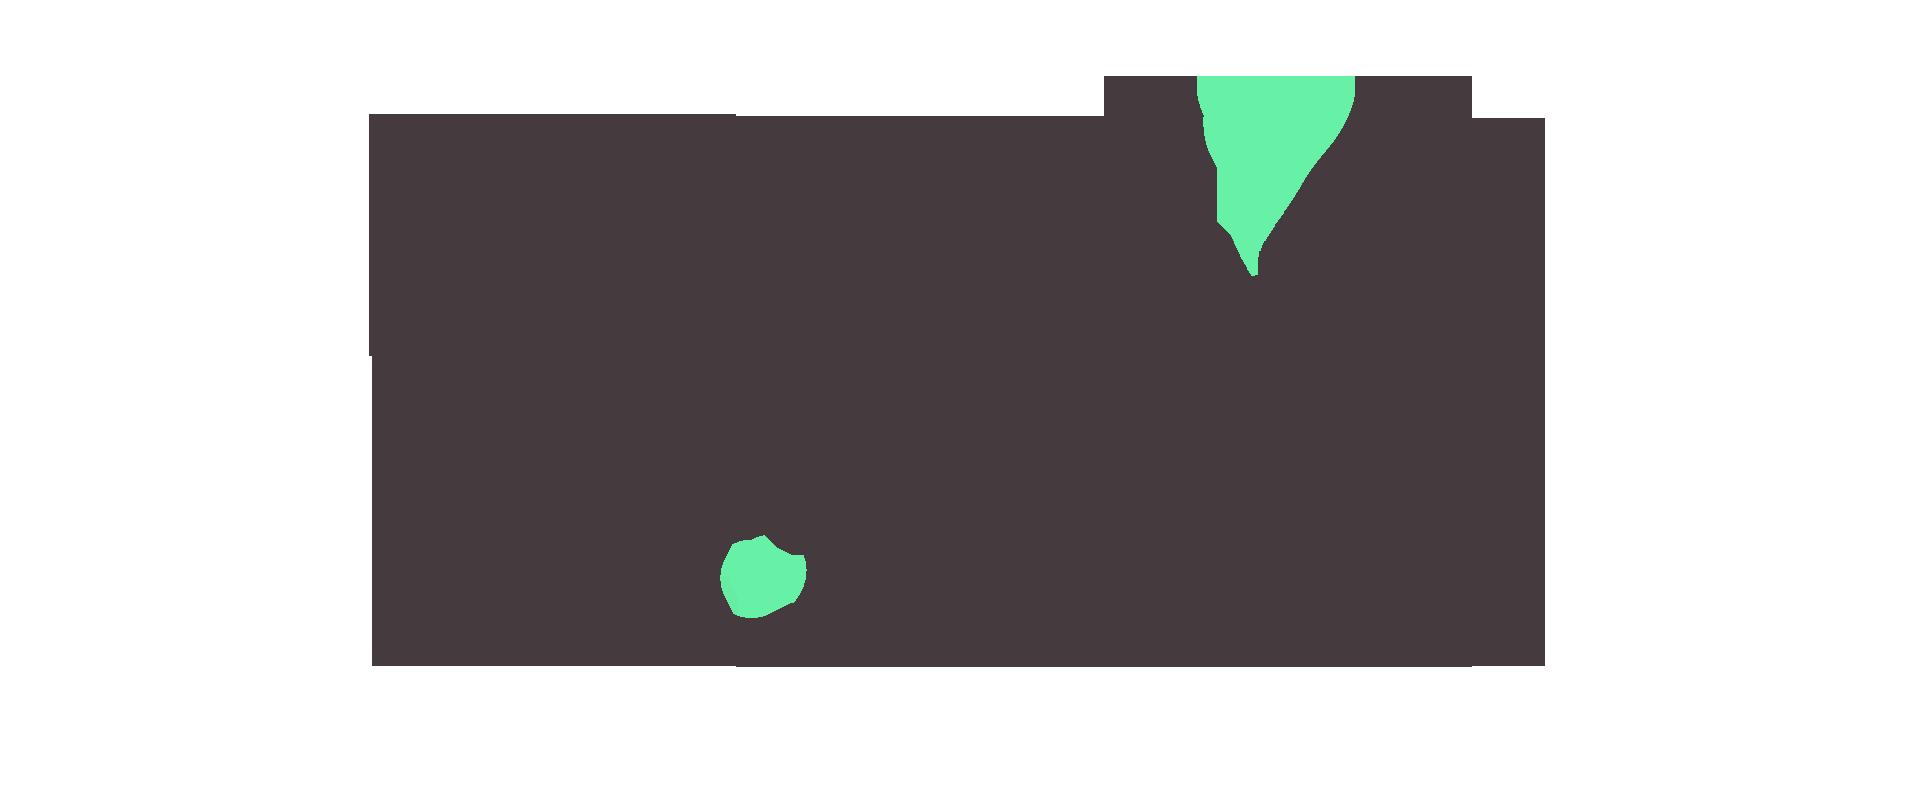 One's Treasure